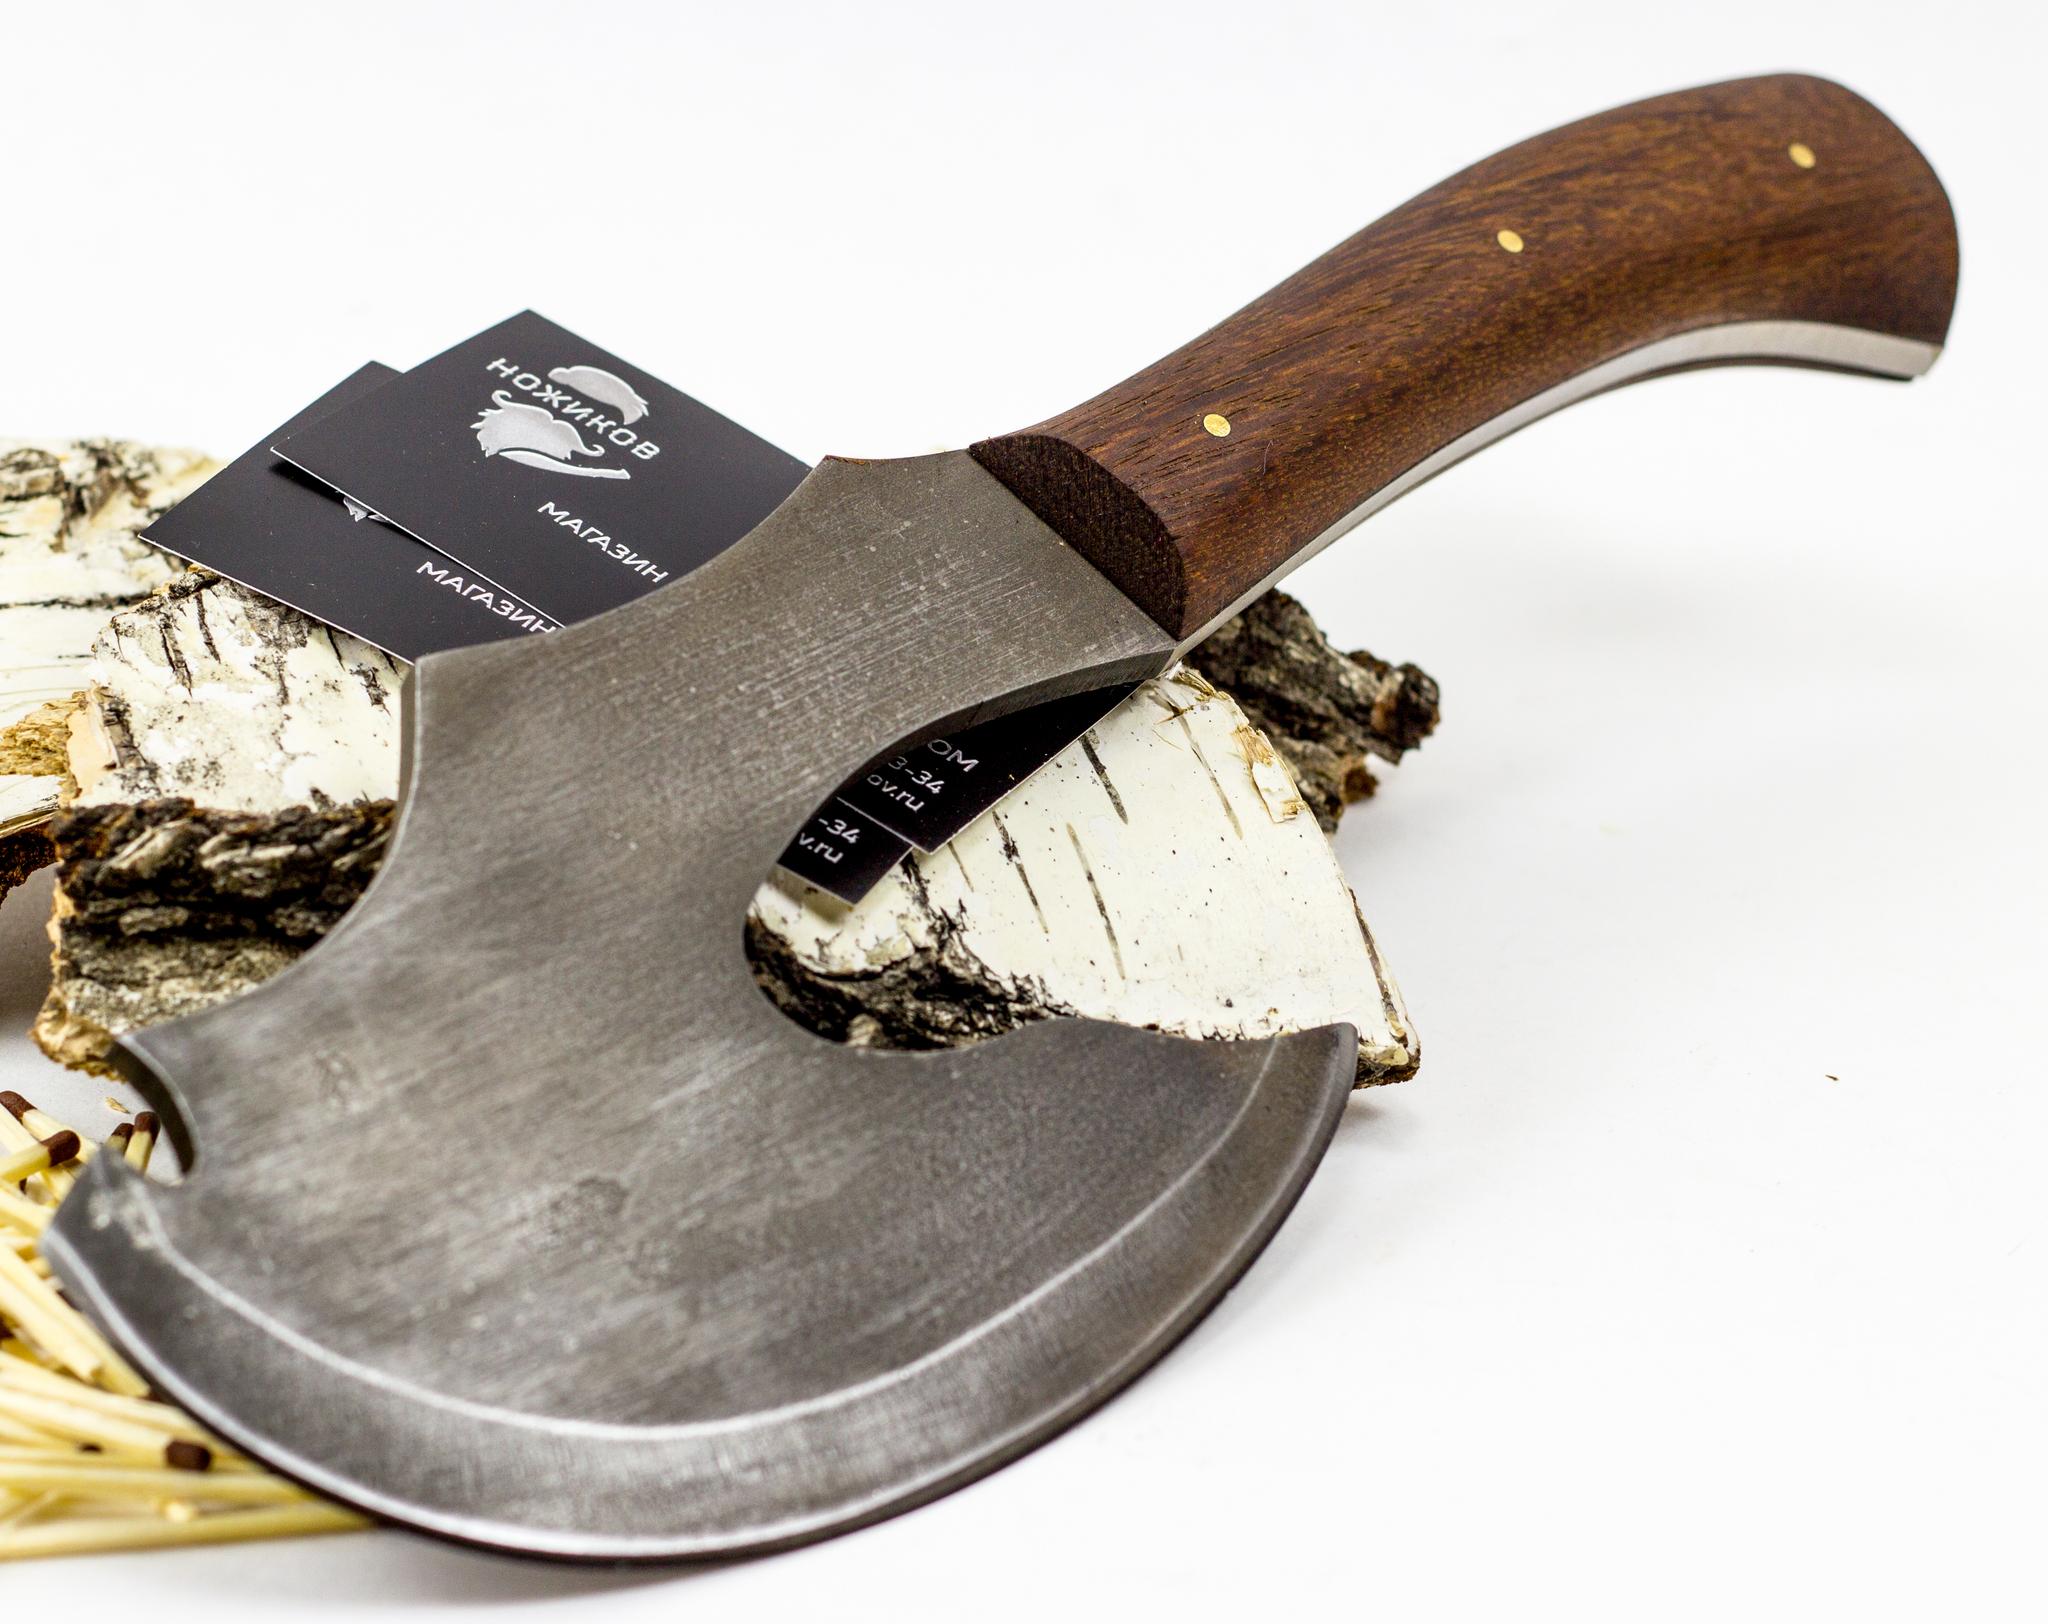 Фото 6 - Топорик Сохатый, сталь 9хс от Промтехснаб